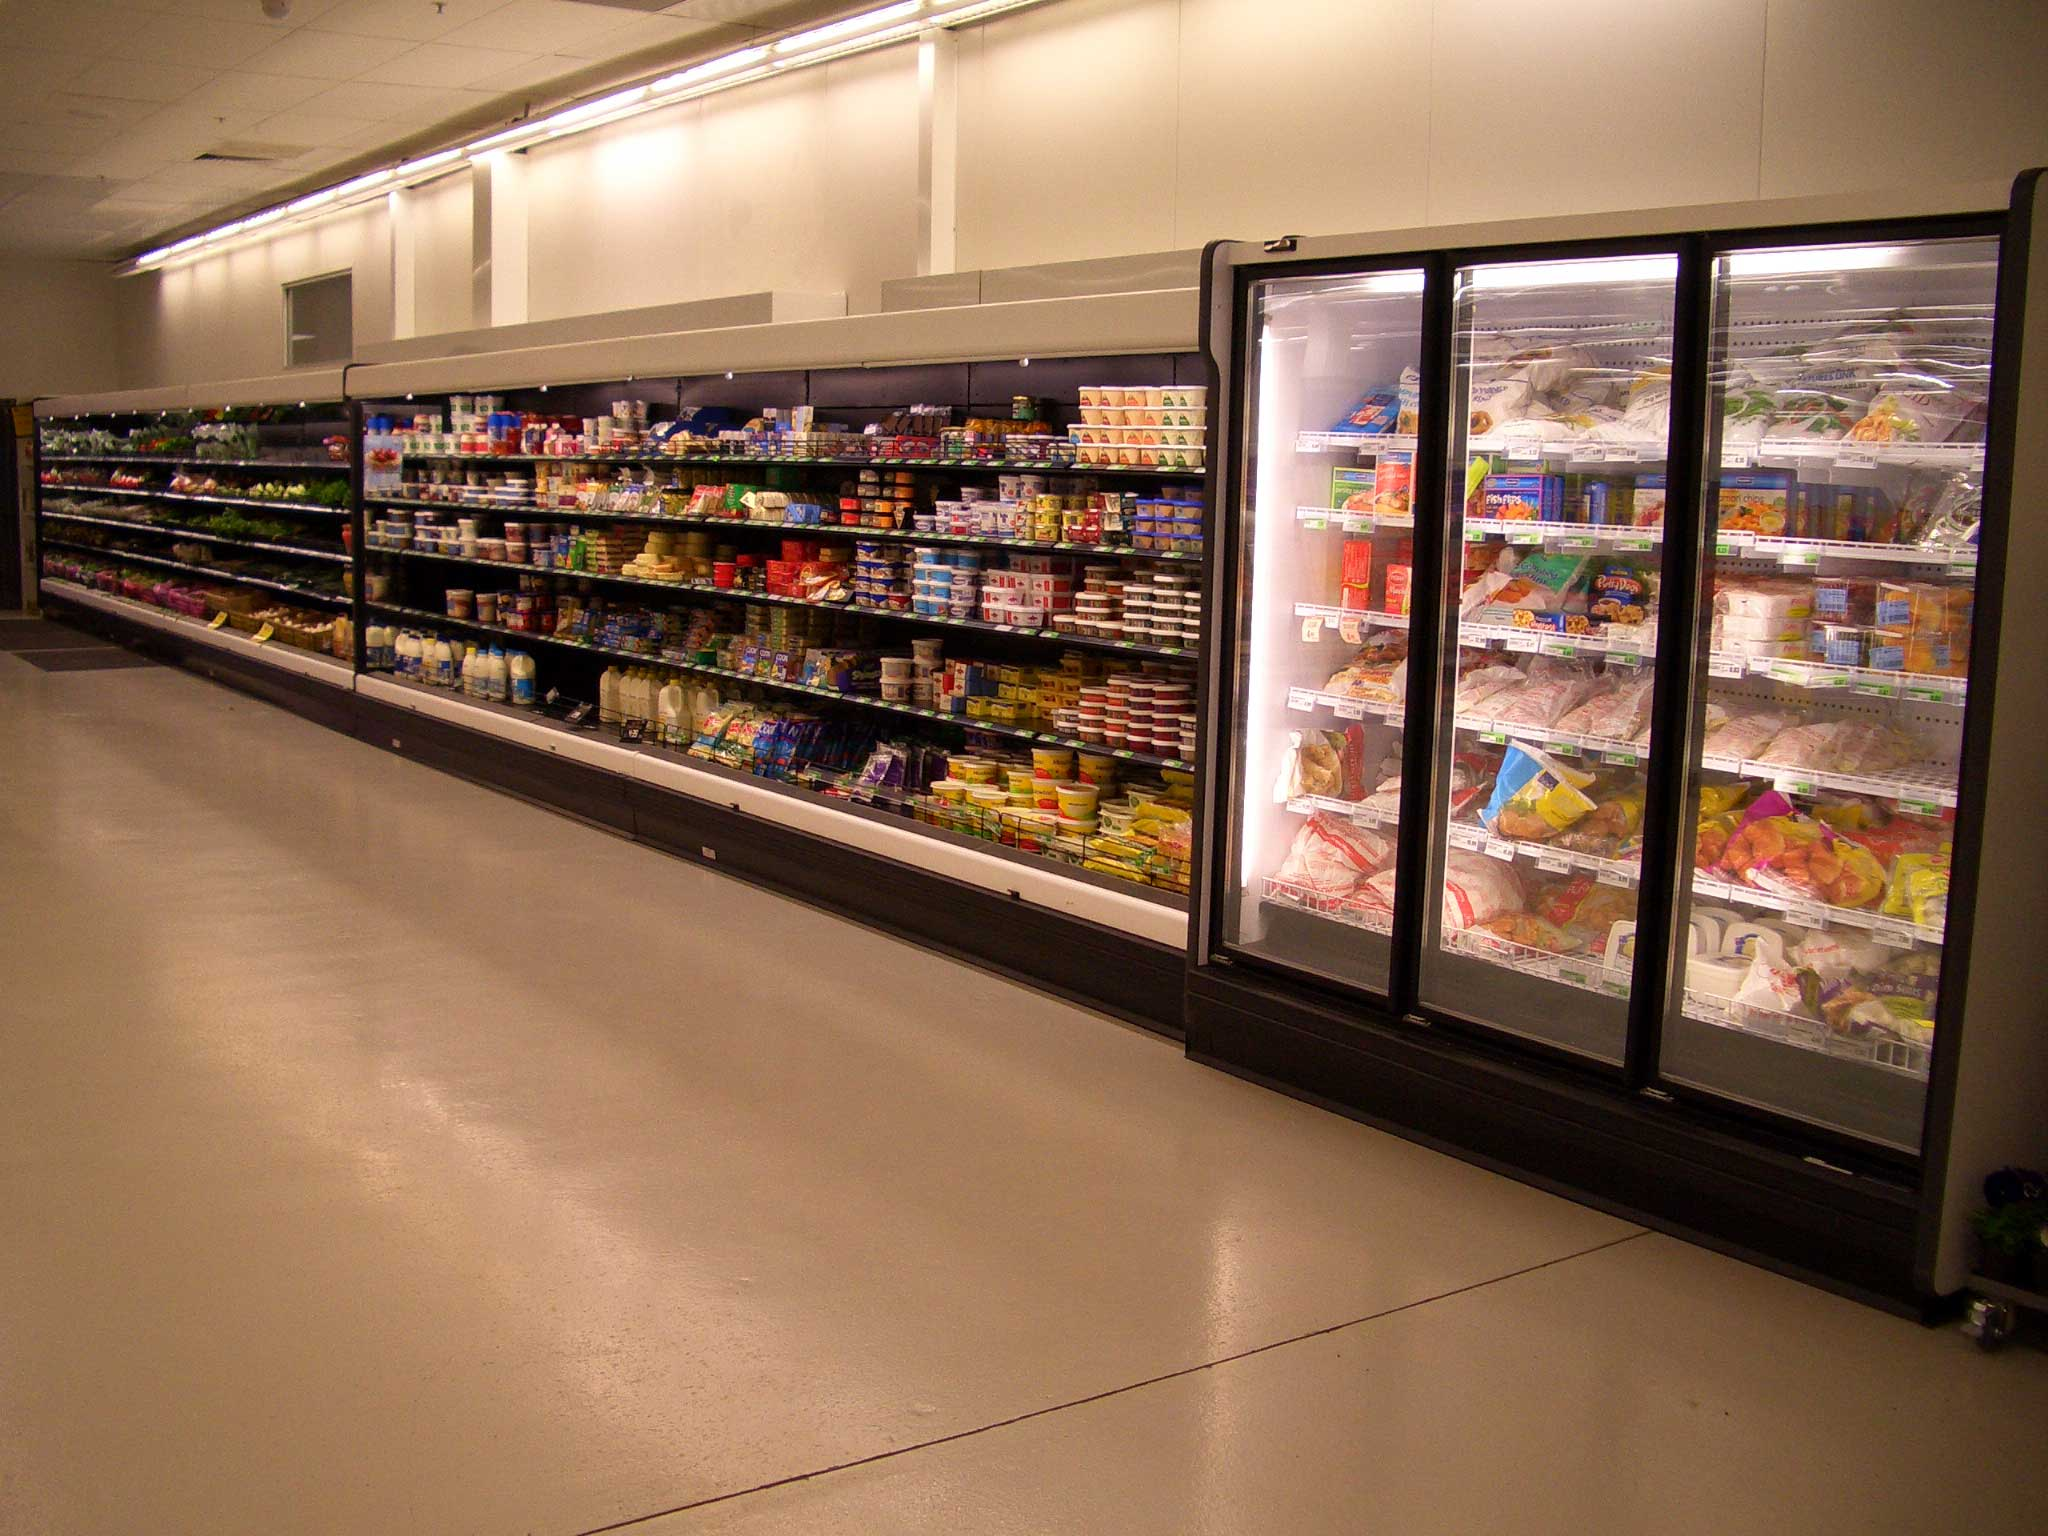 ahorros energéticos en supermercados